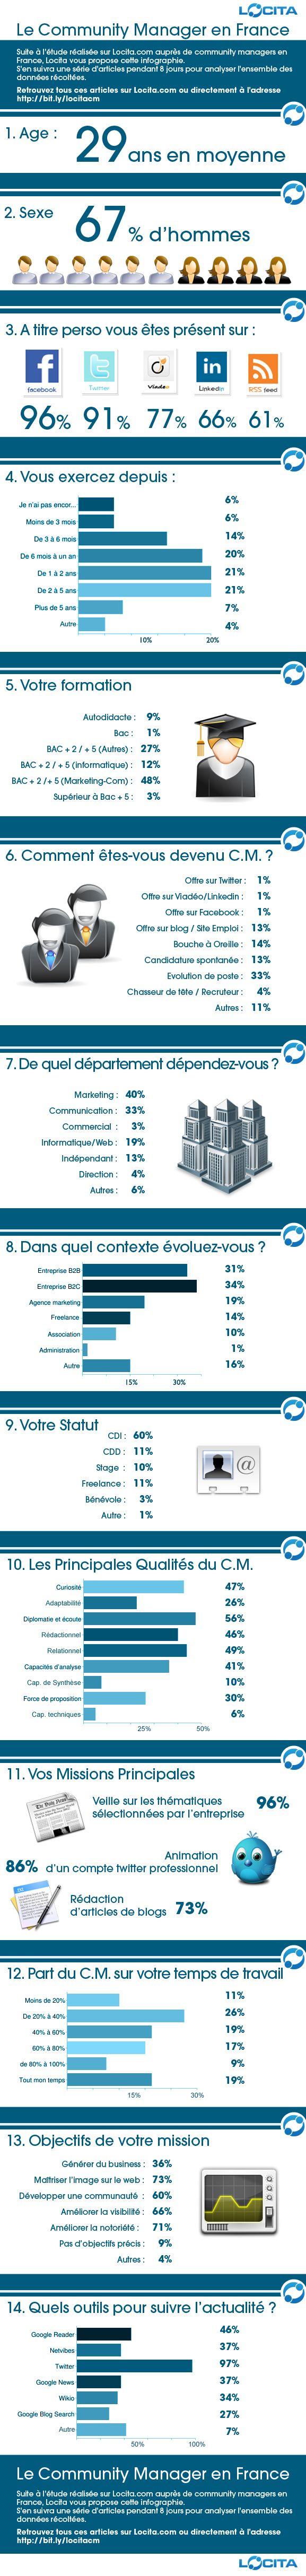 Profil du Community Manager en France (gestionnaire de communauté)